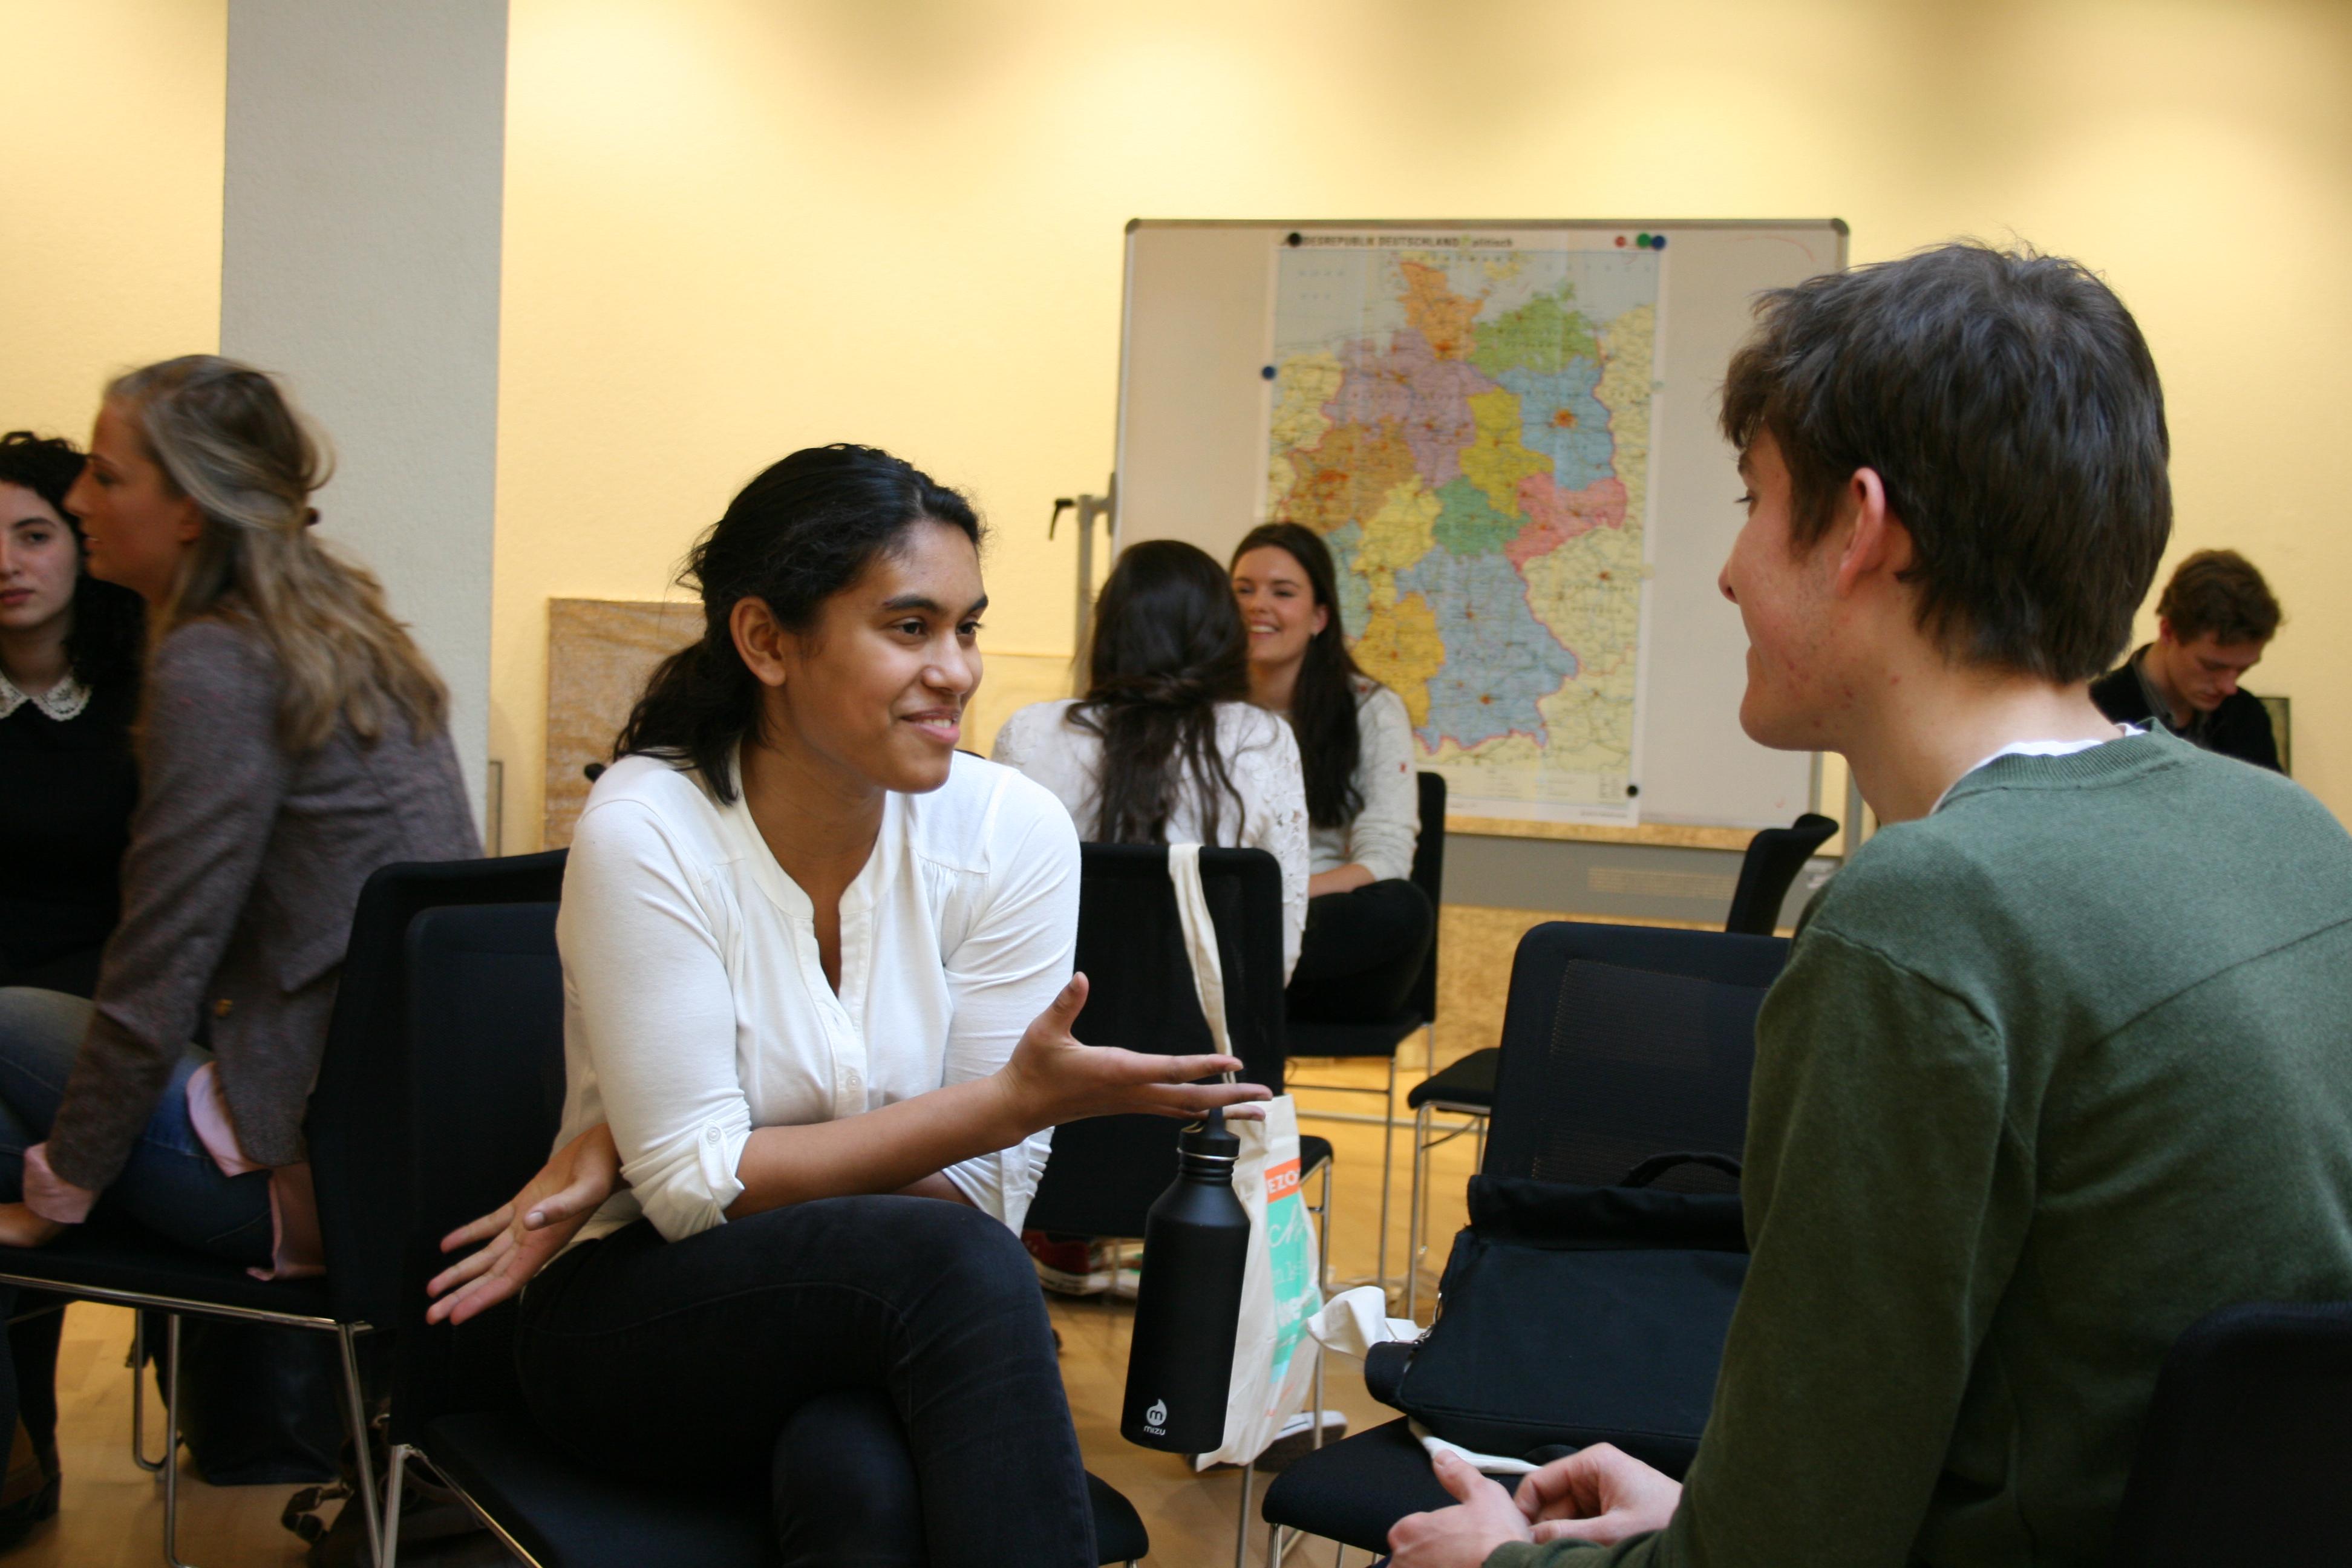 Studenten in gesprek met ervaringsdeskundigen tijdens onze workshop.